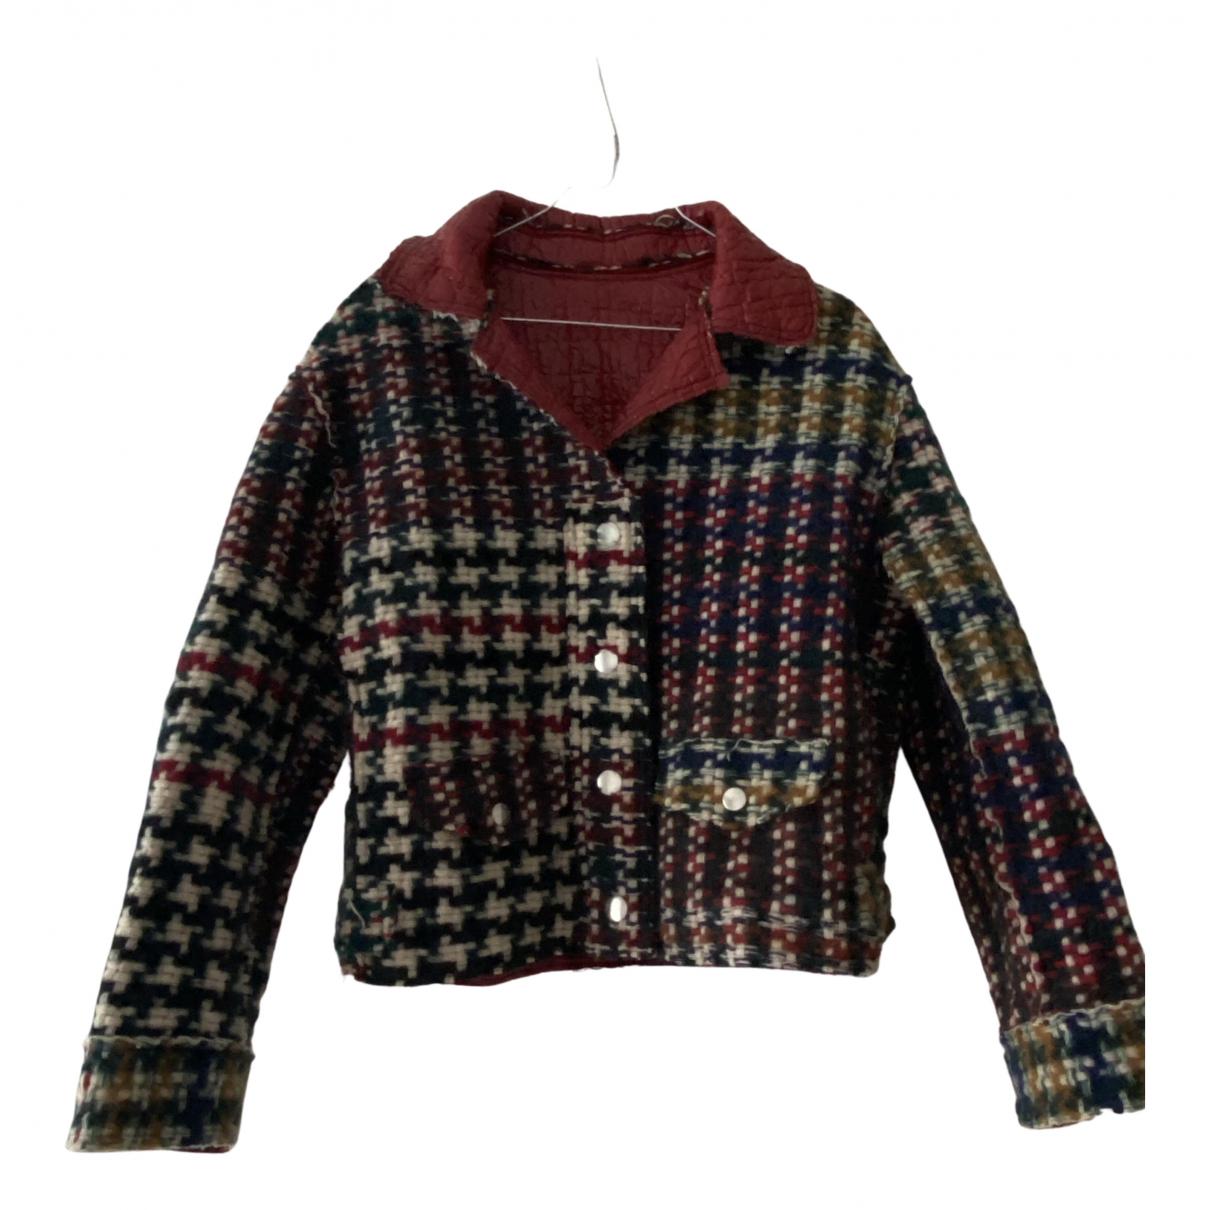 Isabel Marant \N Jacke in  Rot Tweed